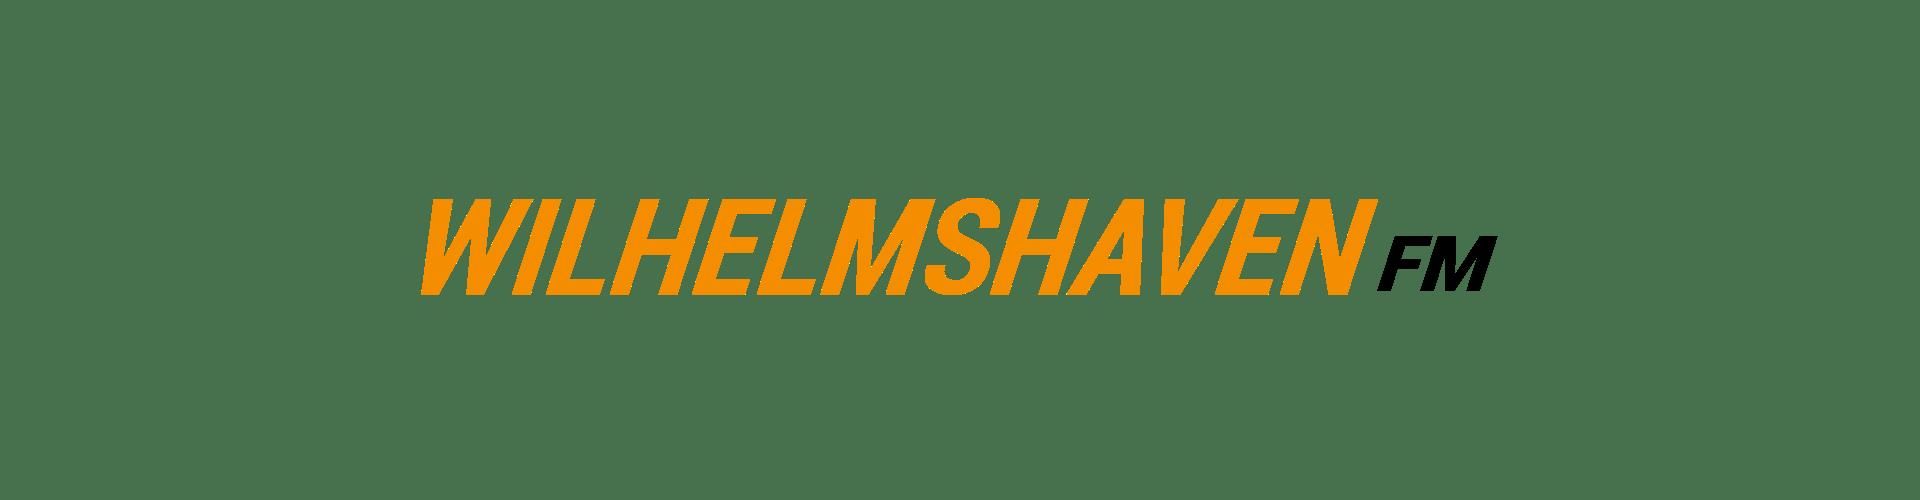 Wilhelmshaven FM